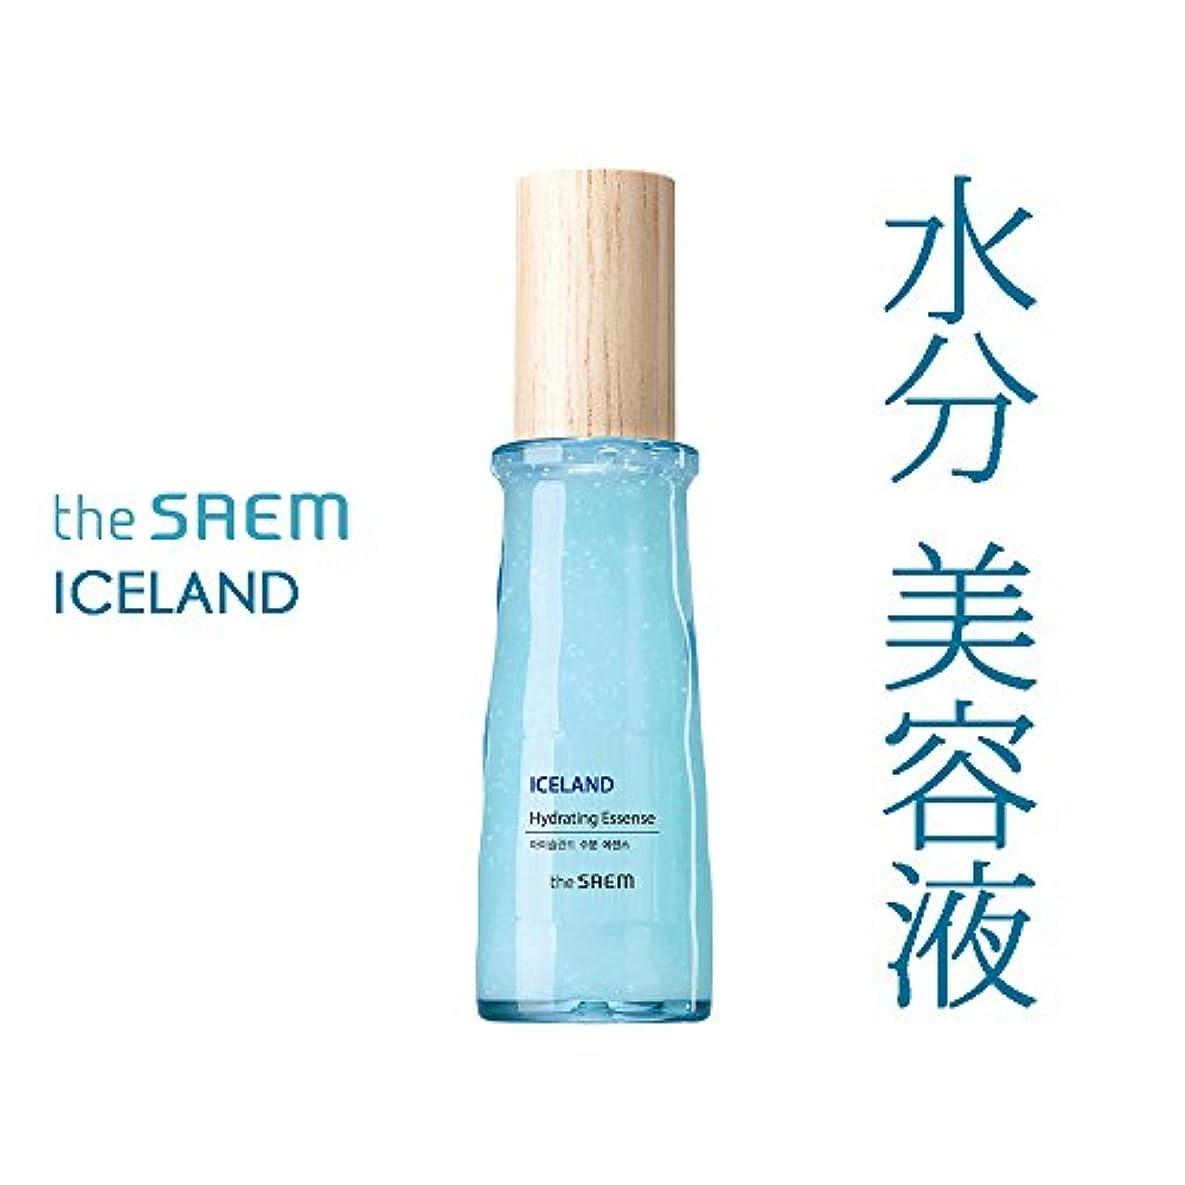 戦争カートン溶けたザ セム The saem アイスランド 水分 美容液 エッセンス The Saem Iceland Hydrating Essence 60ml